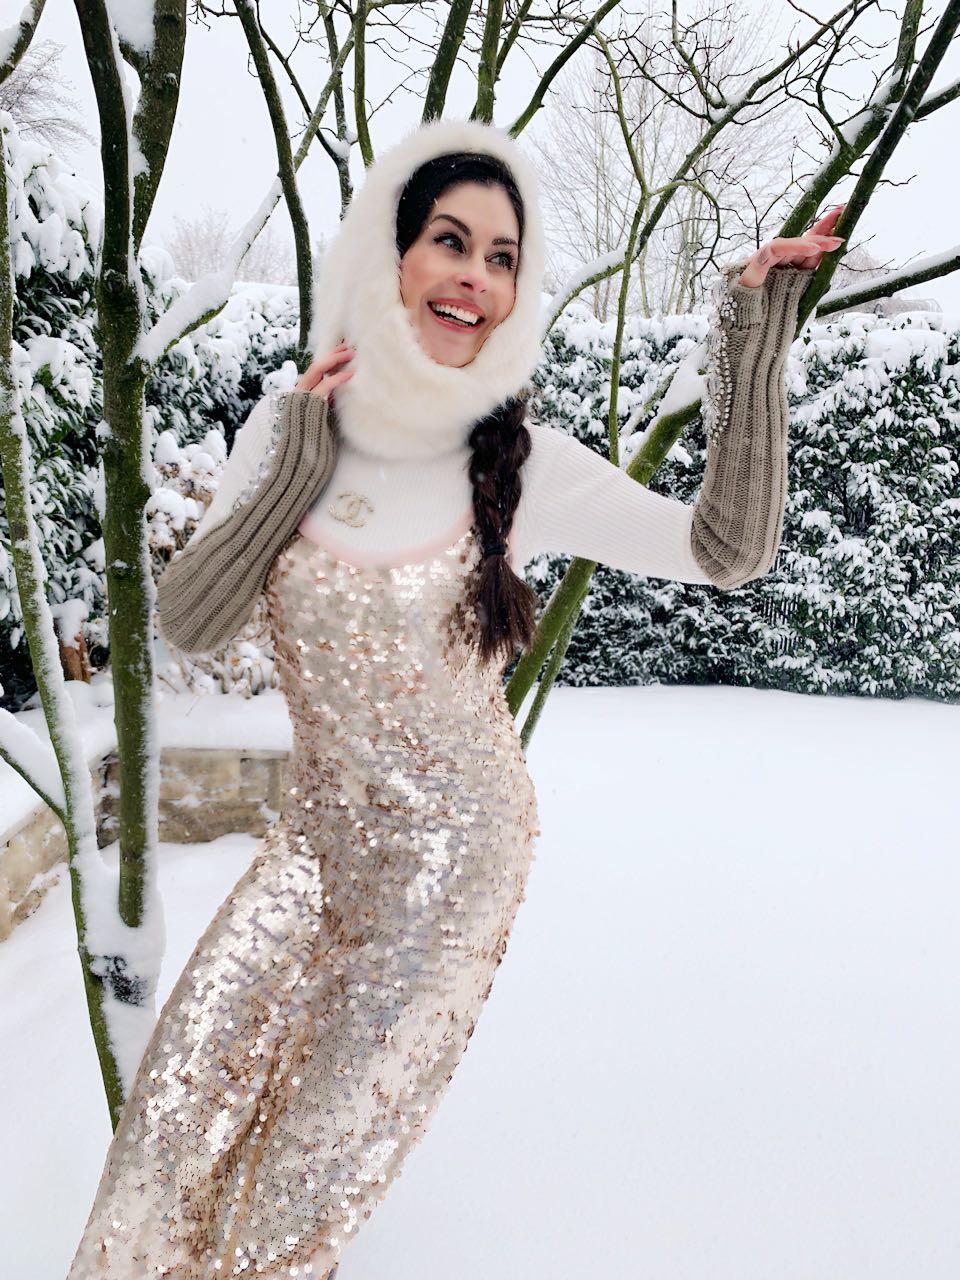 Kleider-Trend 2019 – Das Slipdress